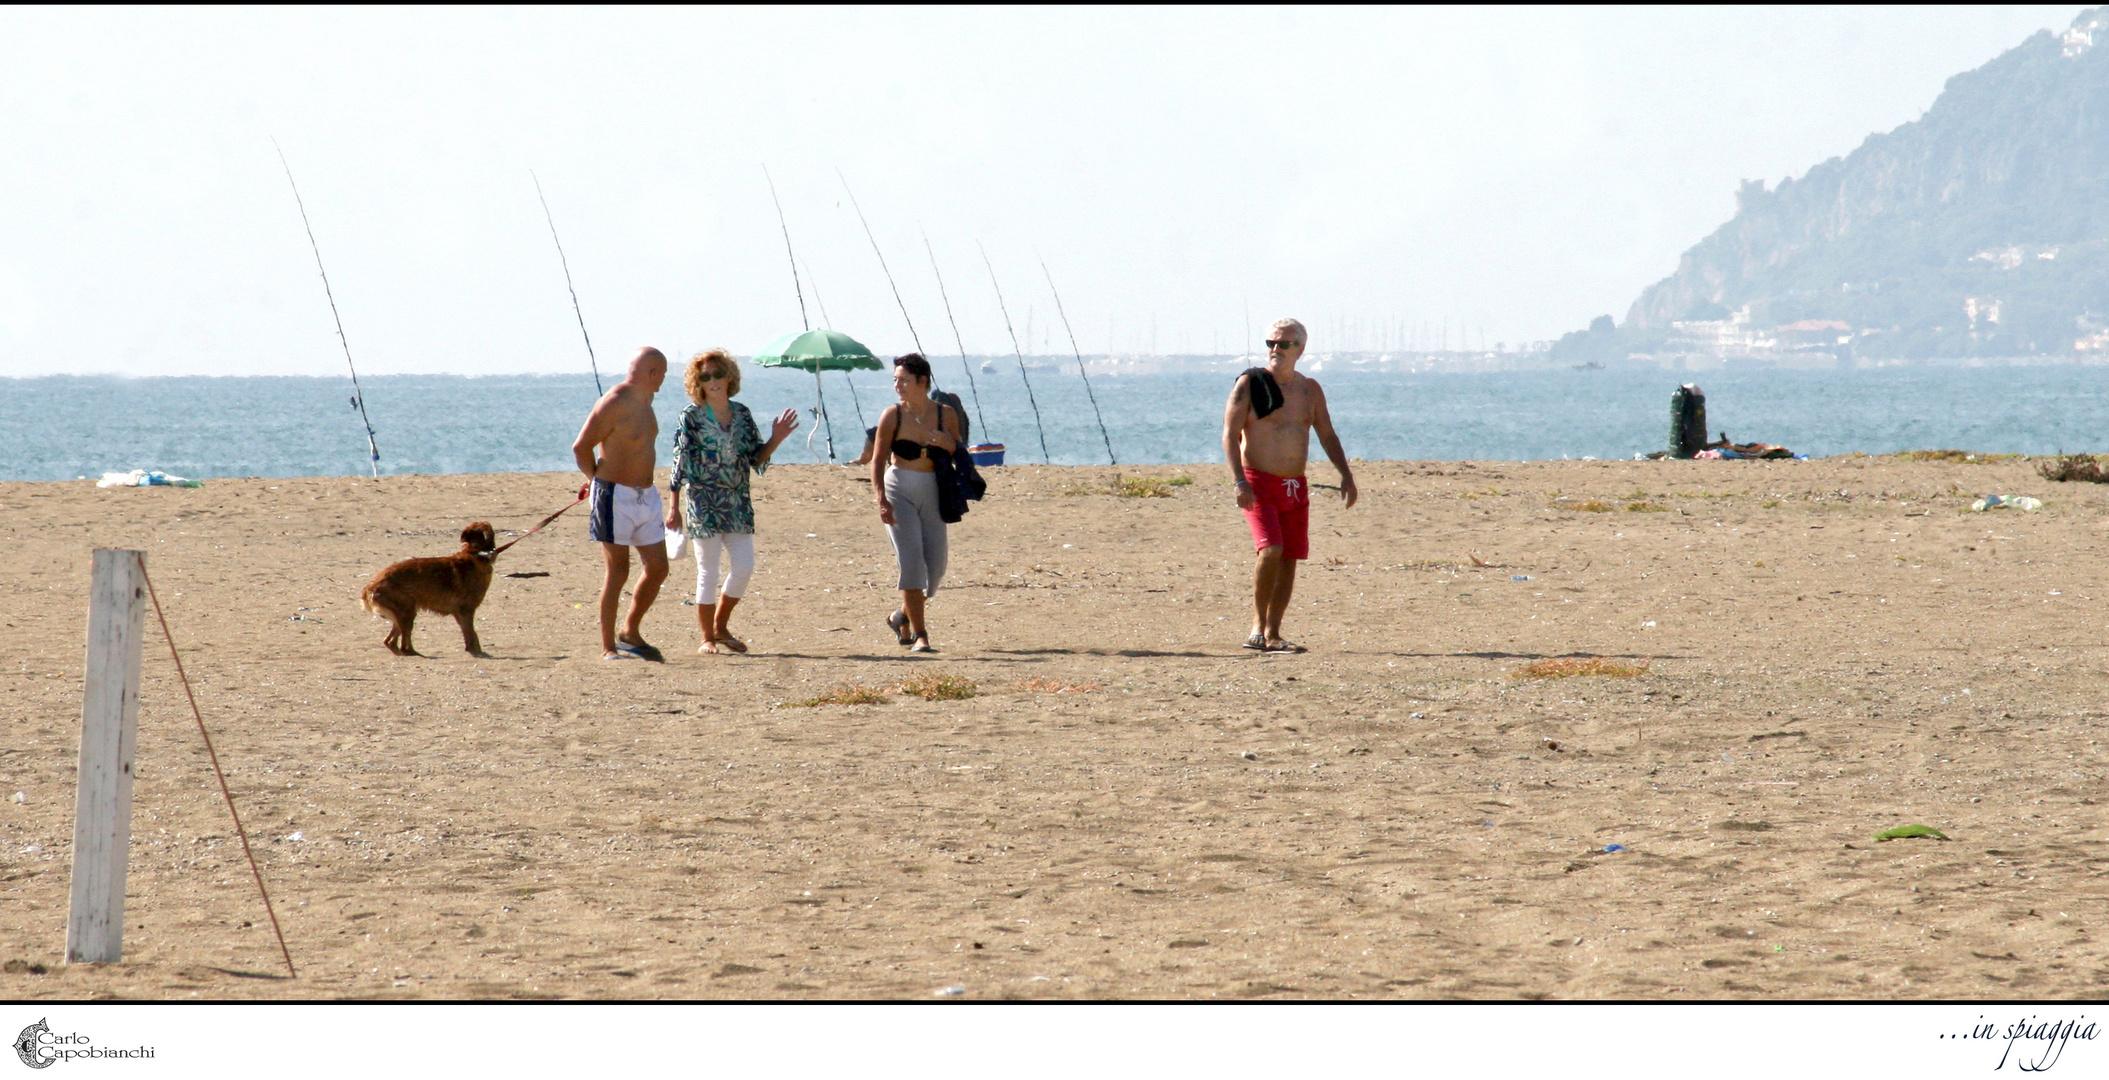 ...in spiaggia